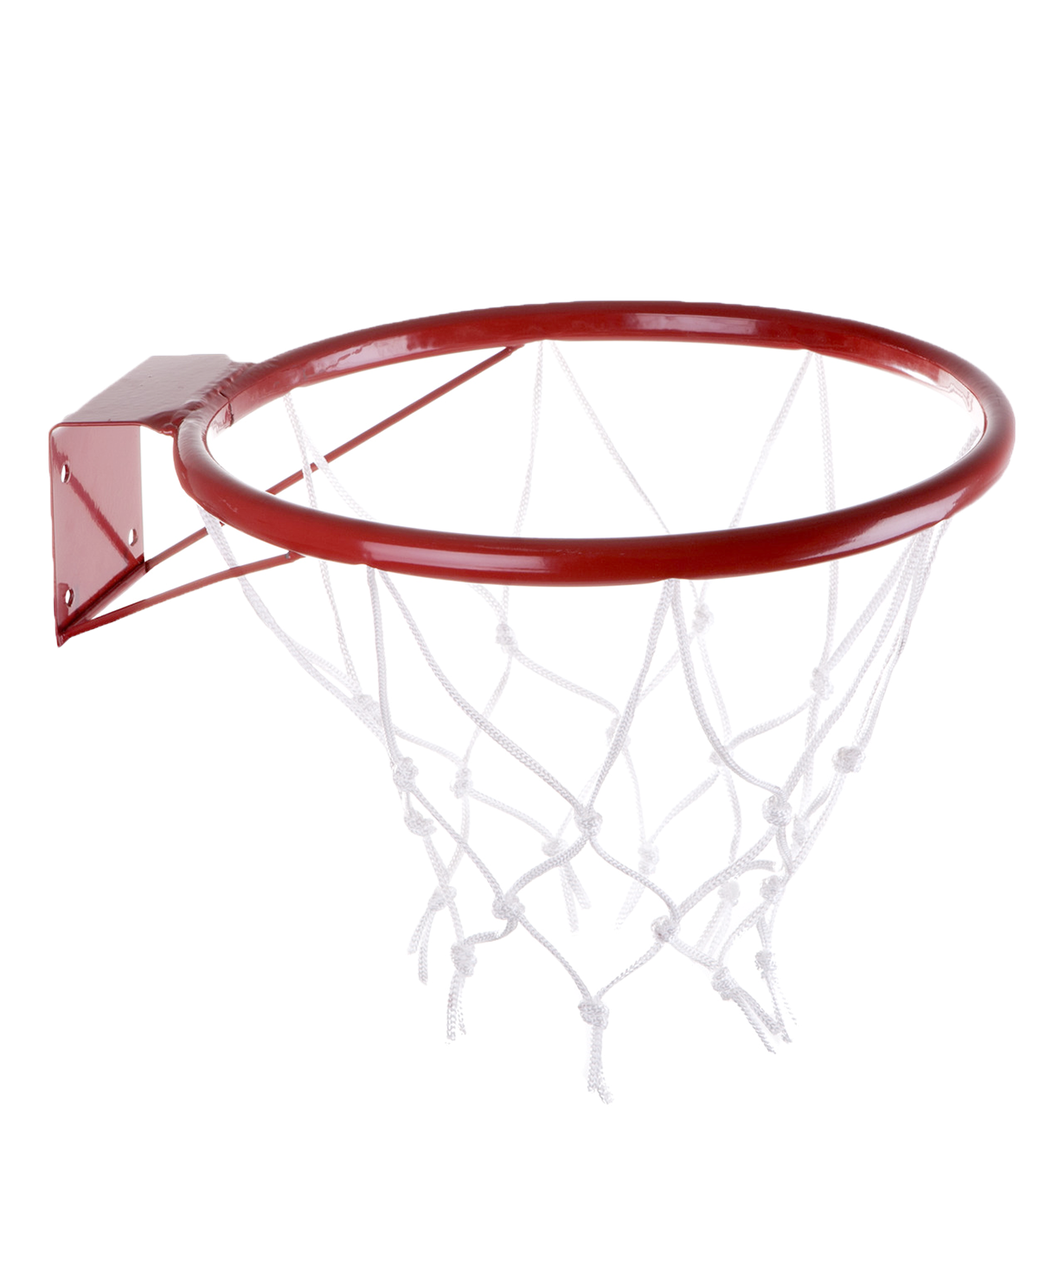 Кольцо баскетбольное №5, с сеткой, d=380 мм